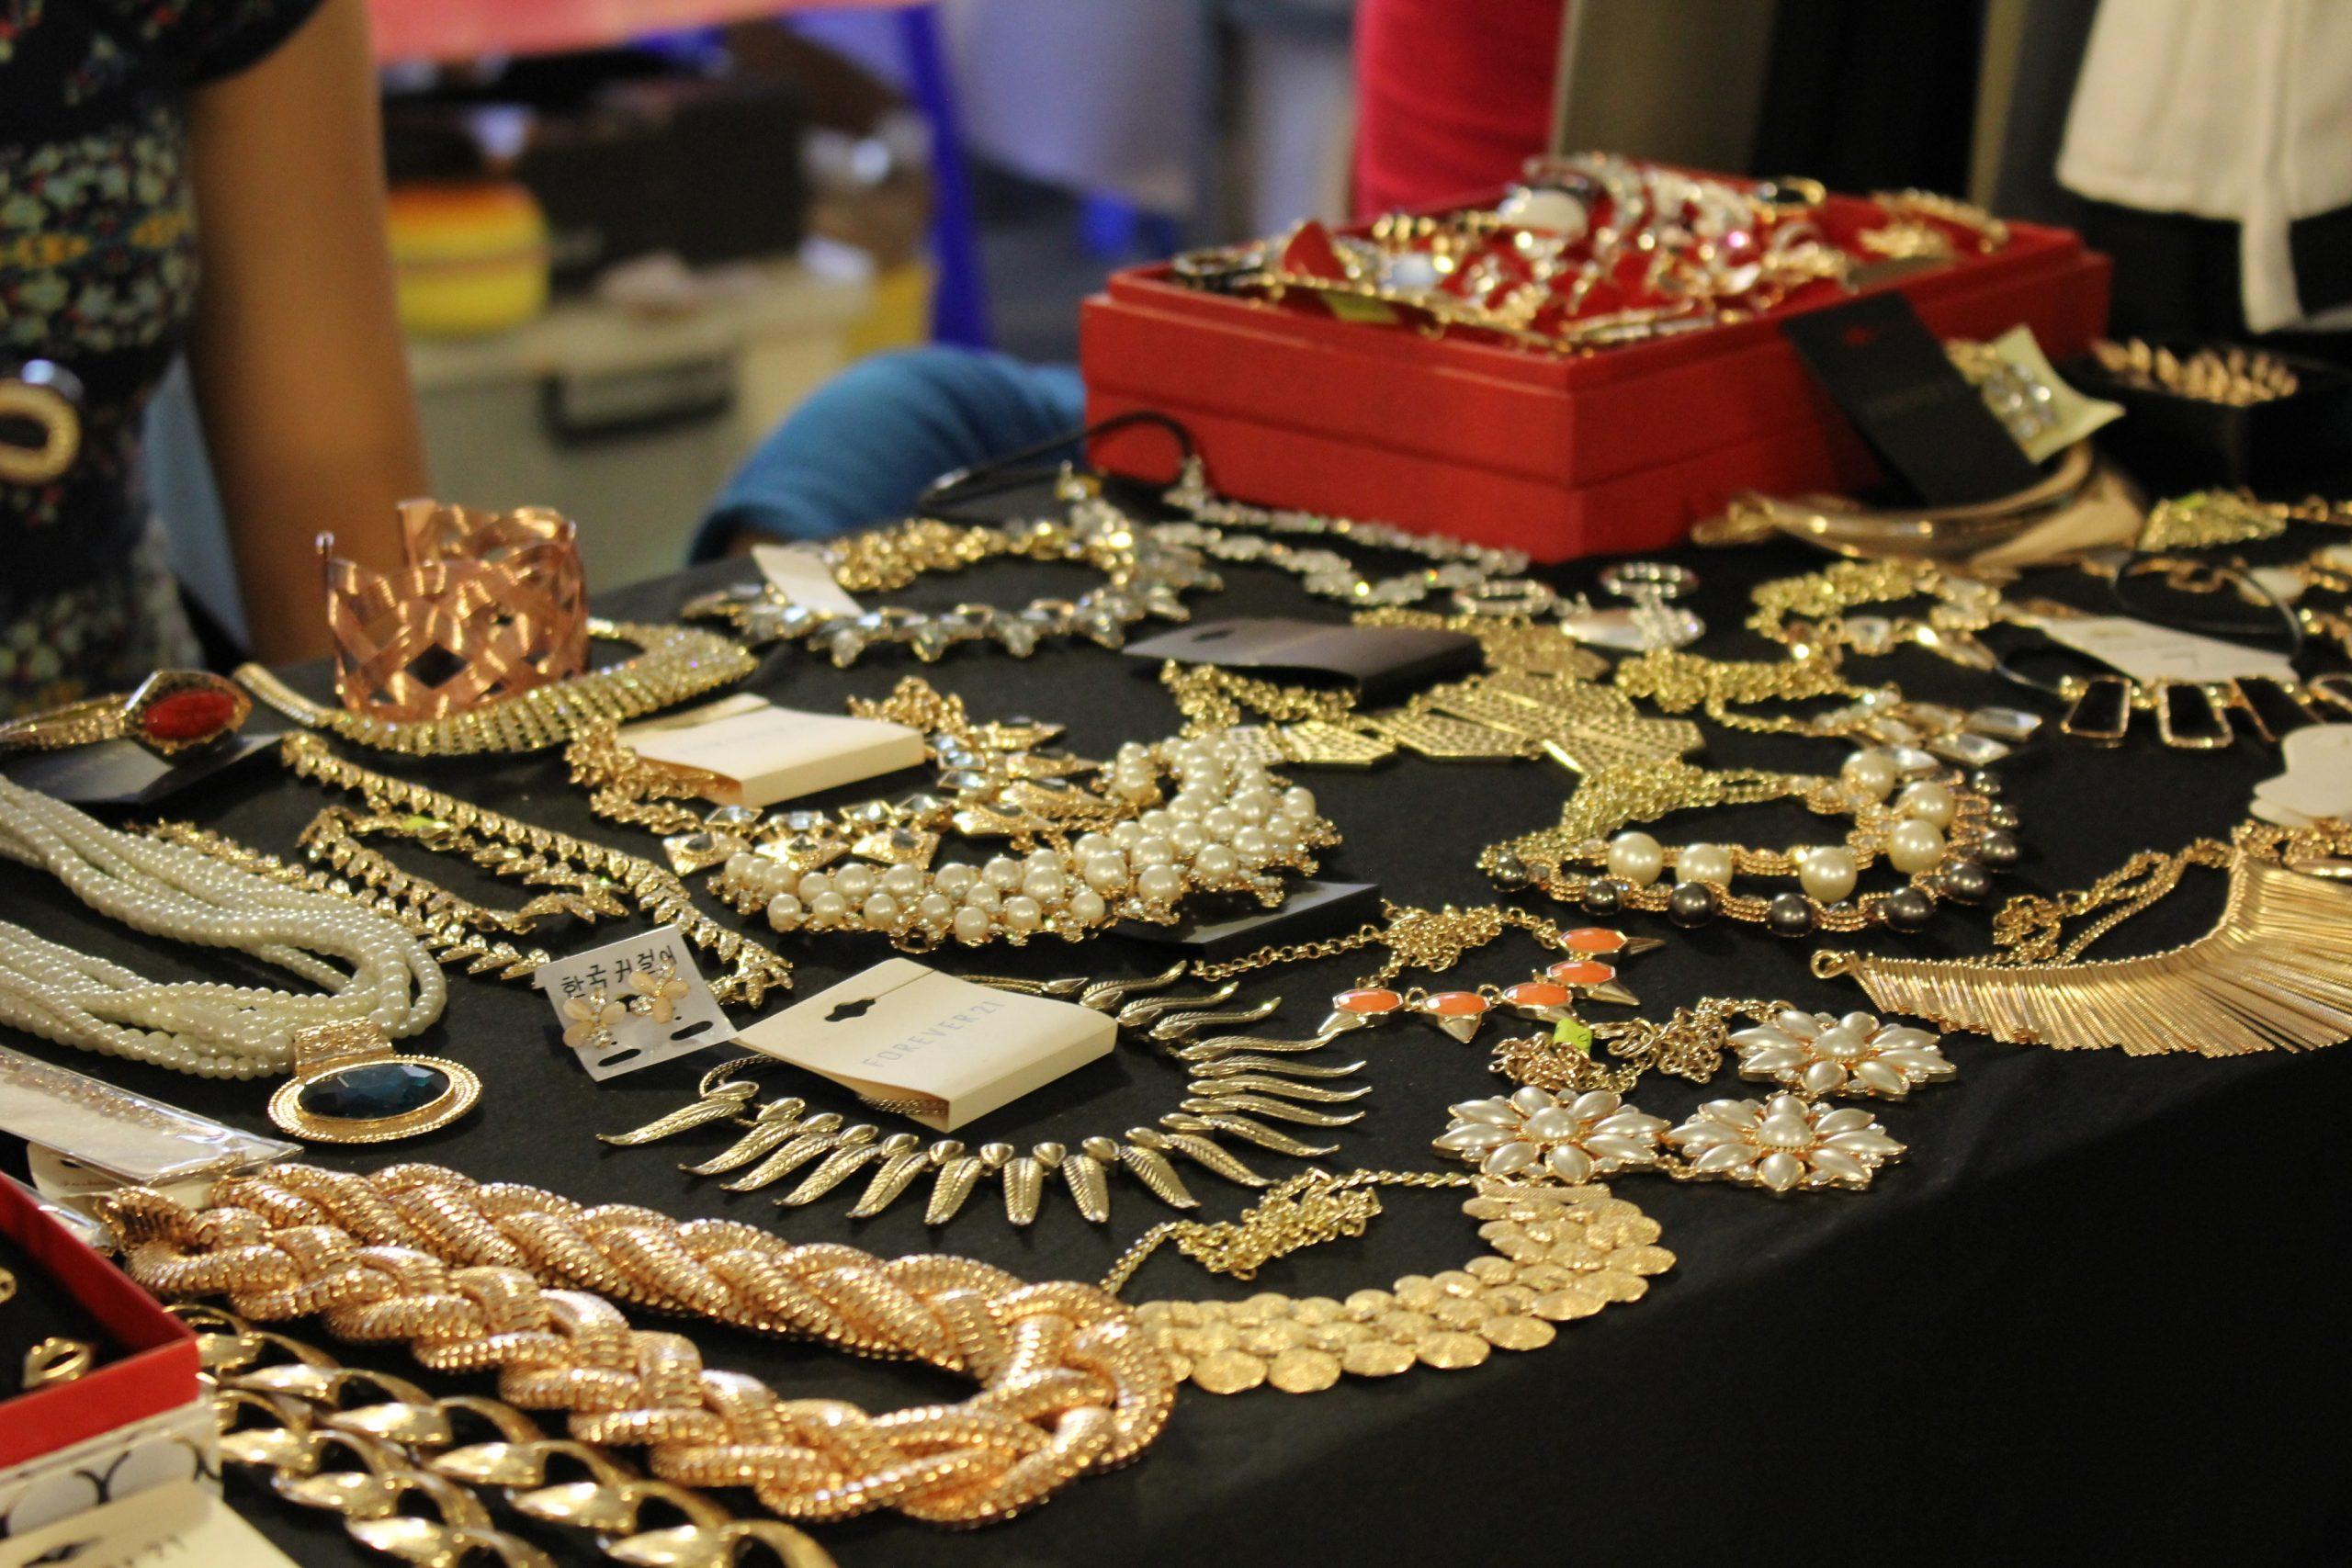 Việc kinh doanh trang sức đang trở nên nở rộ hơn vì nhu cầu của các chị em đối với mặt hàng này luôn luôn cao